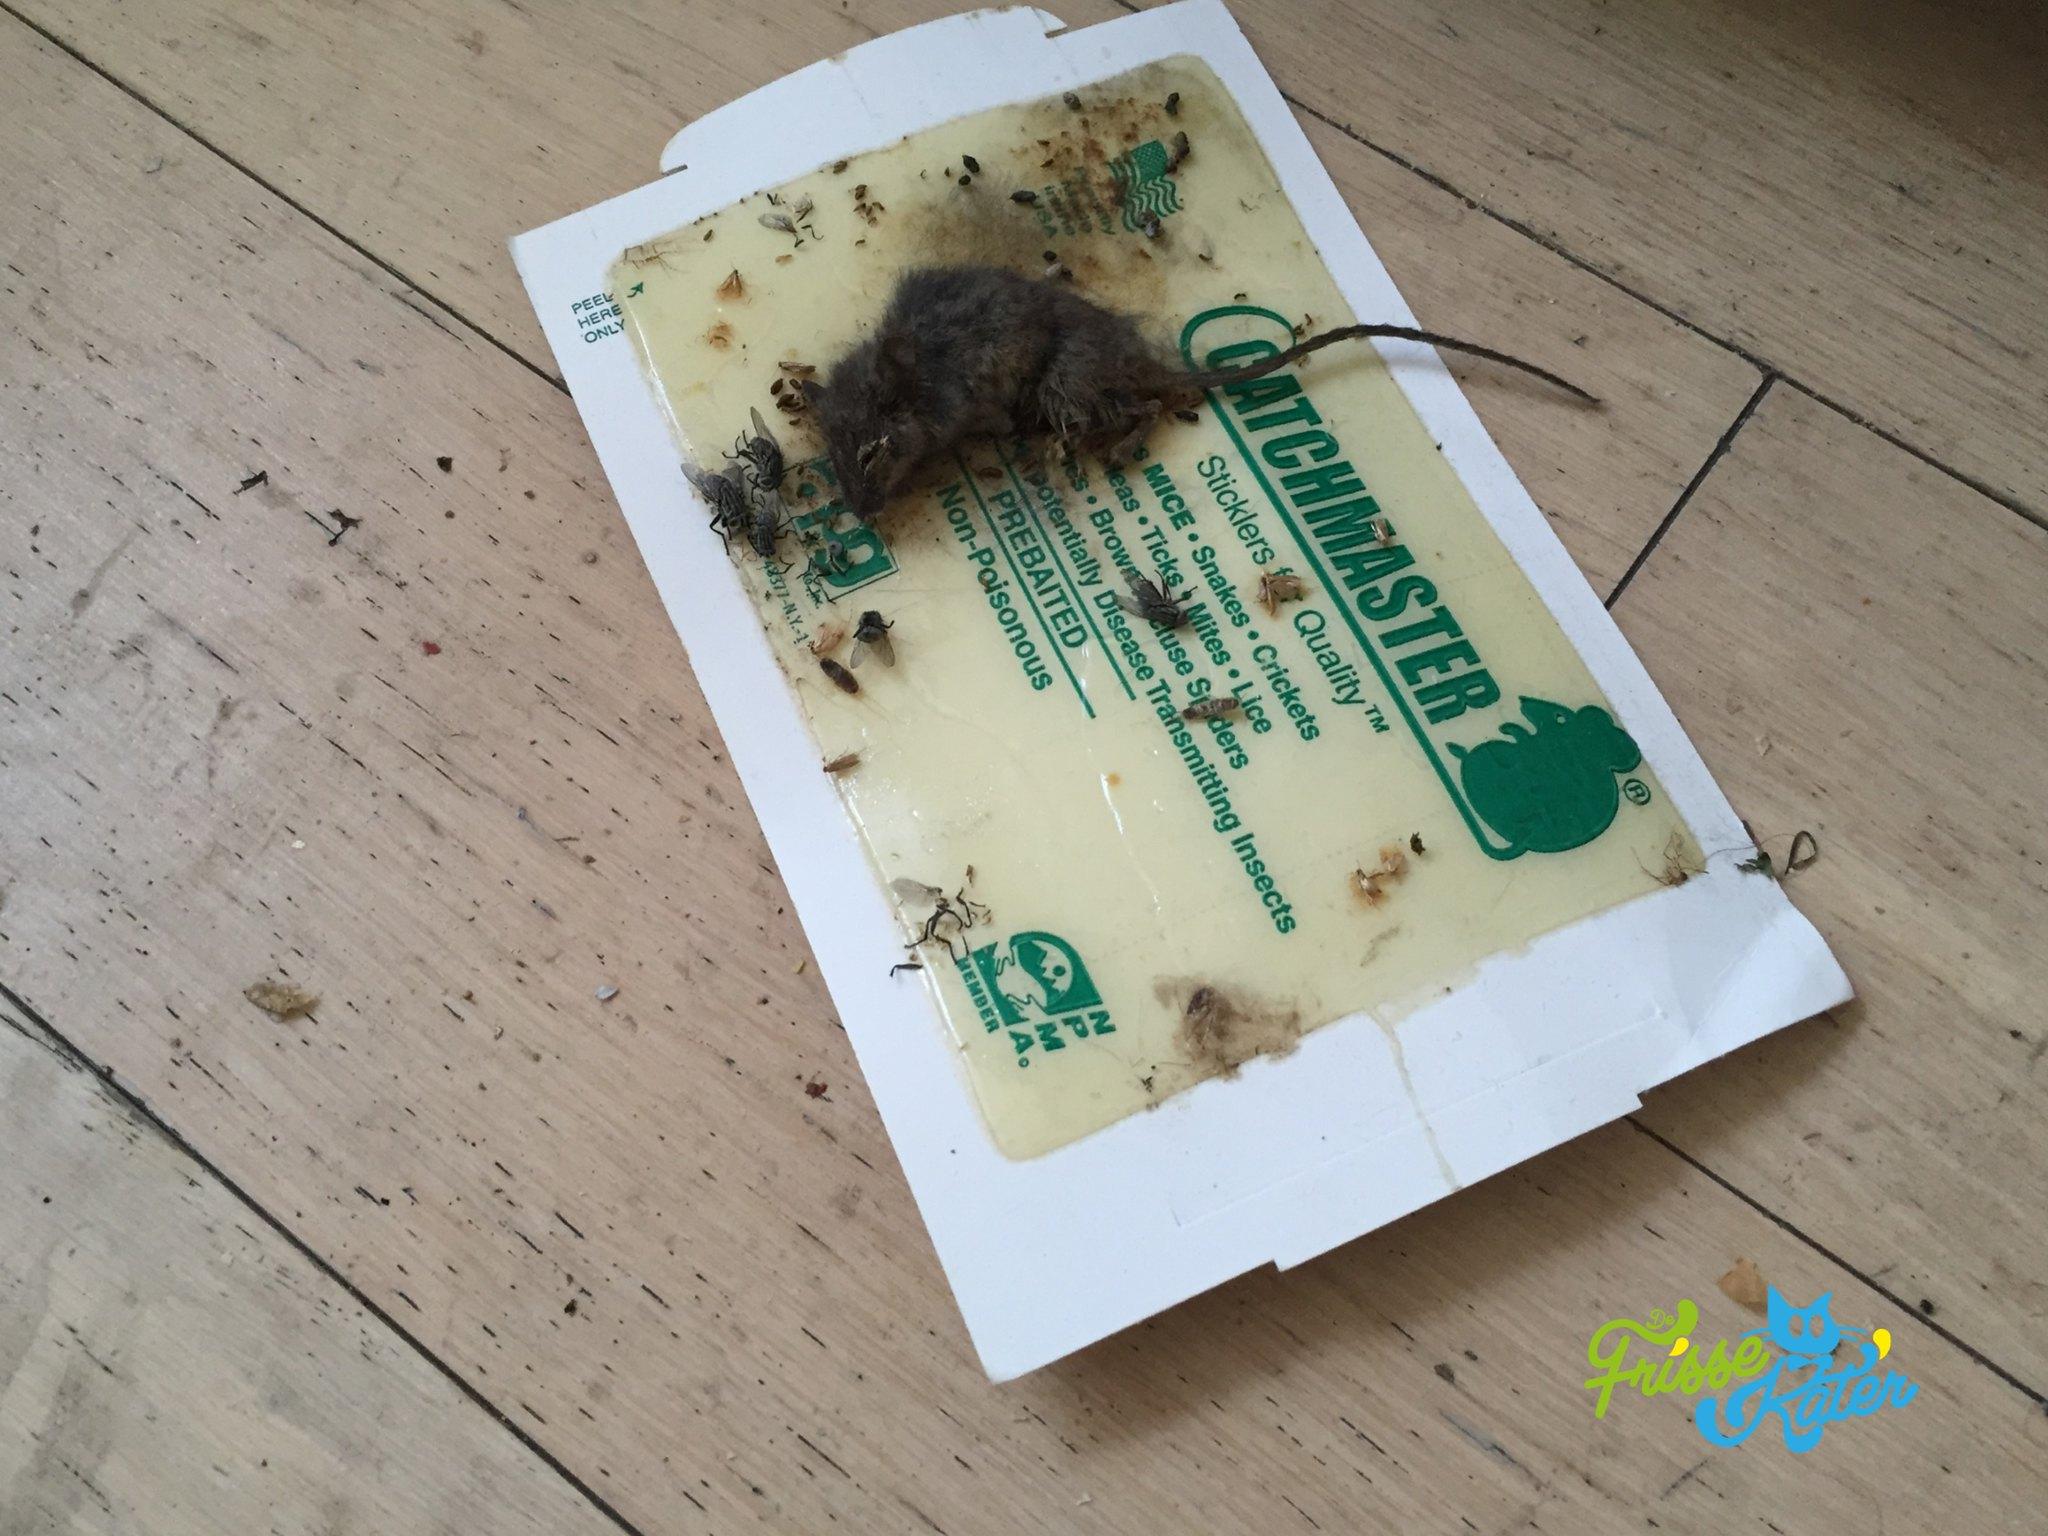 Muizen en ratten bestrijden in huis hoe los je het probleem op - Hoe je je huis regelt ...